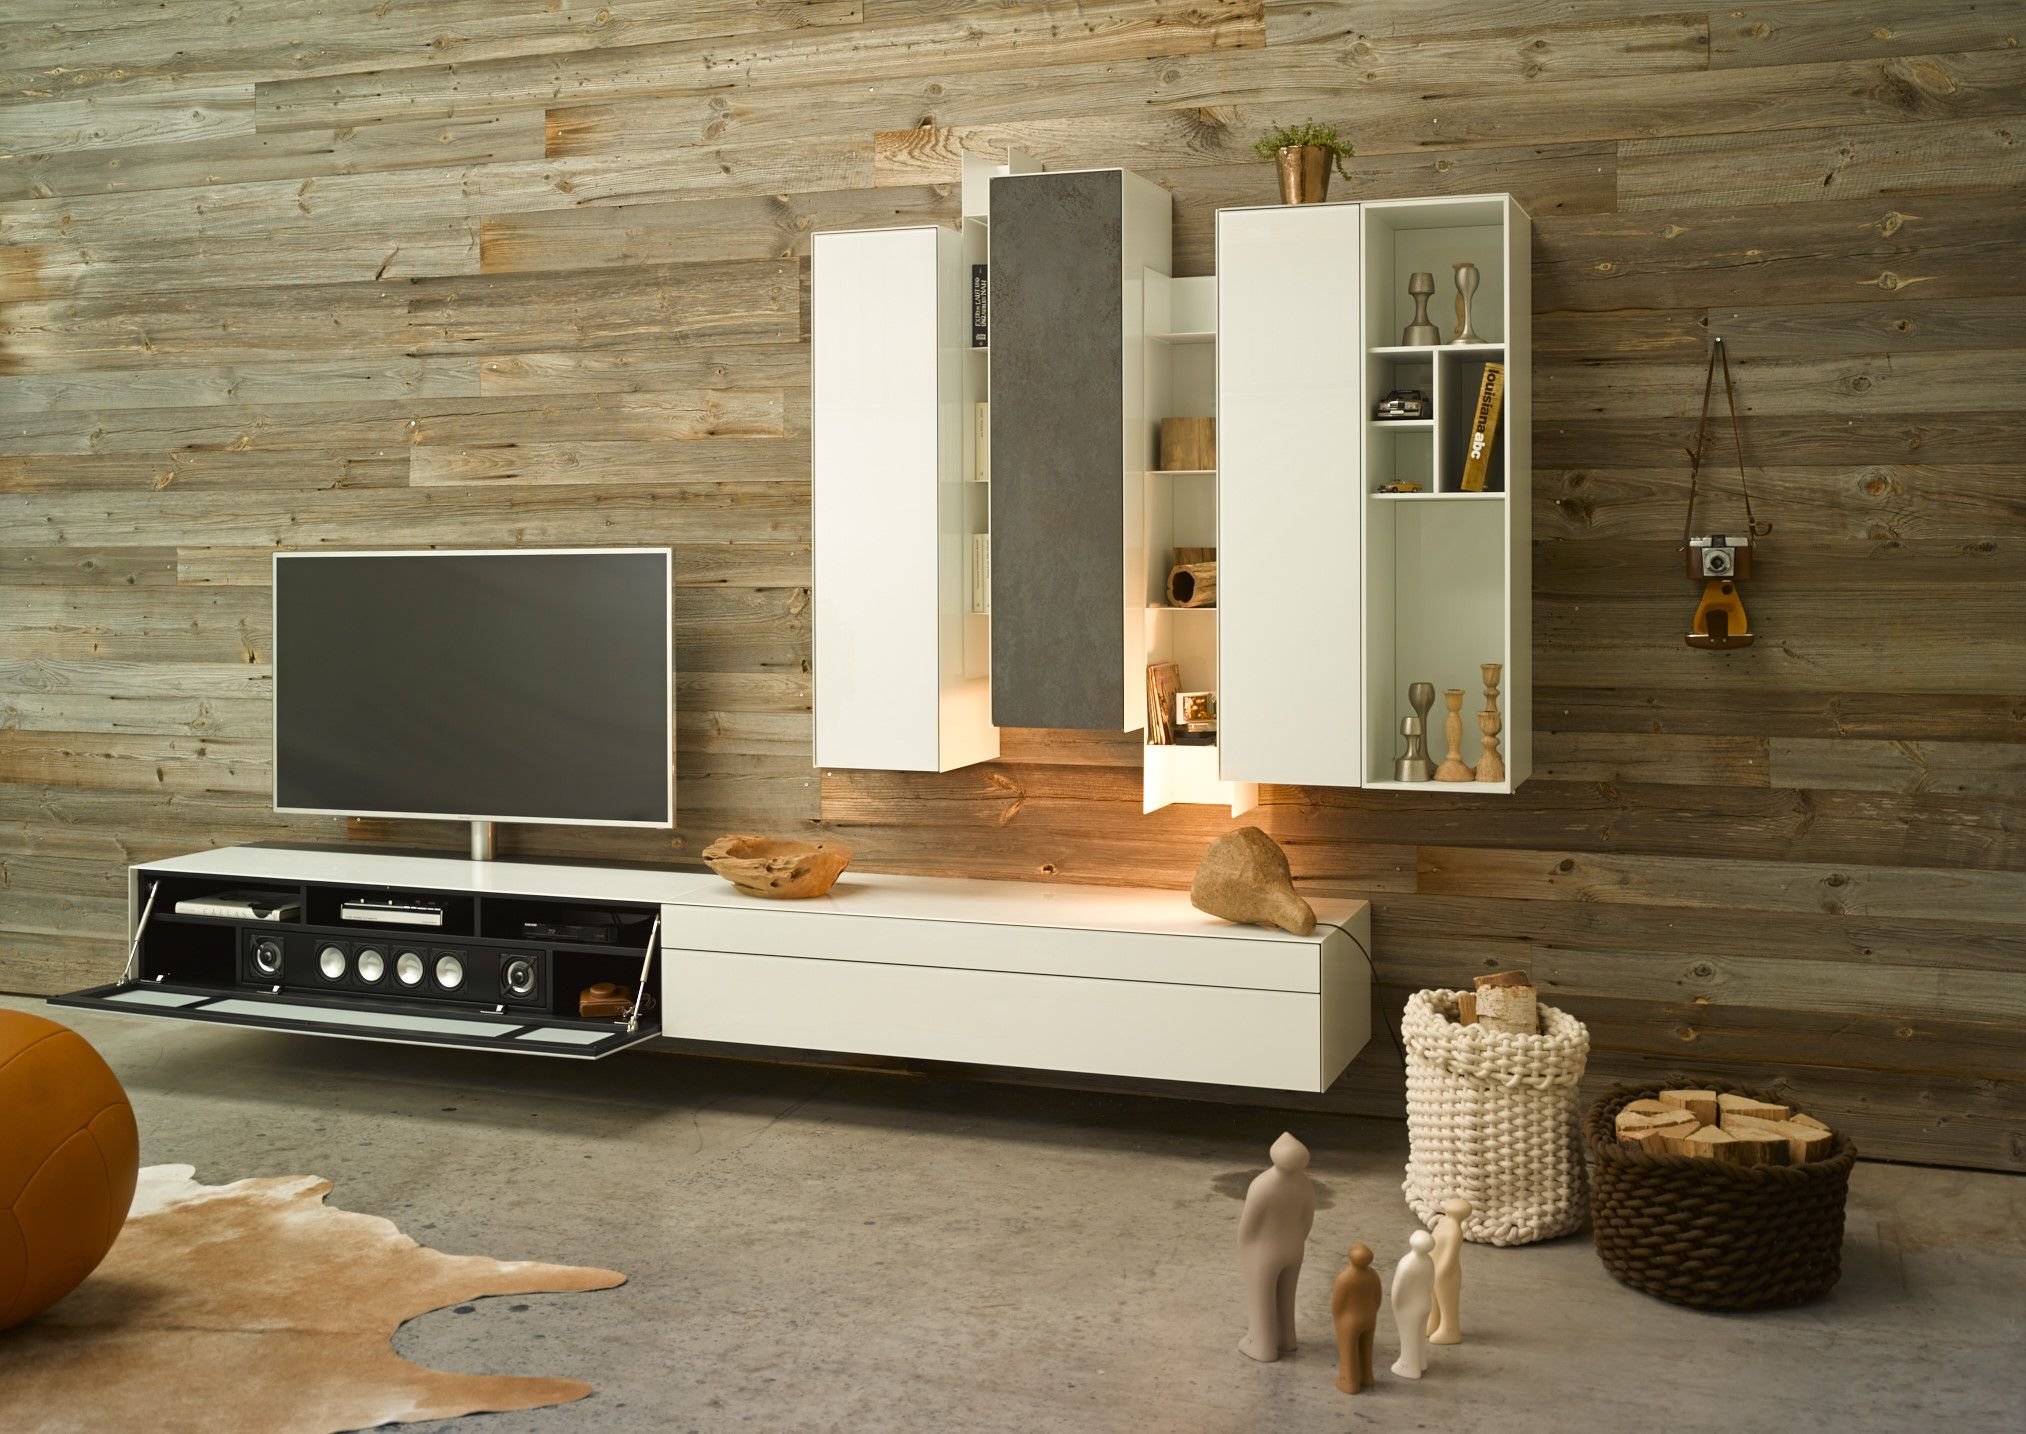 Fernsehmöbel Mit Soundsystem Soundsystem Wohnzimmer